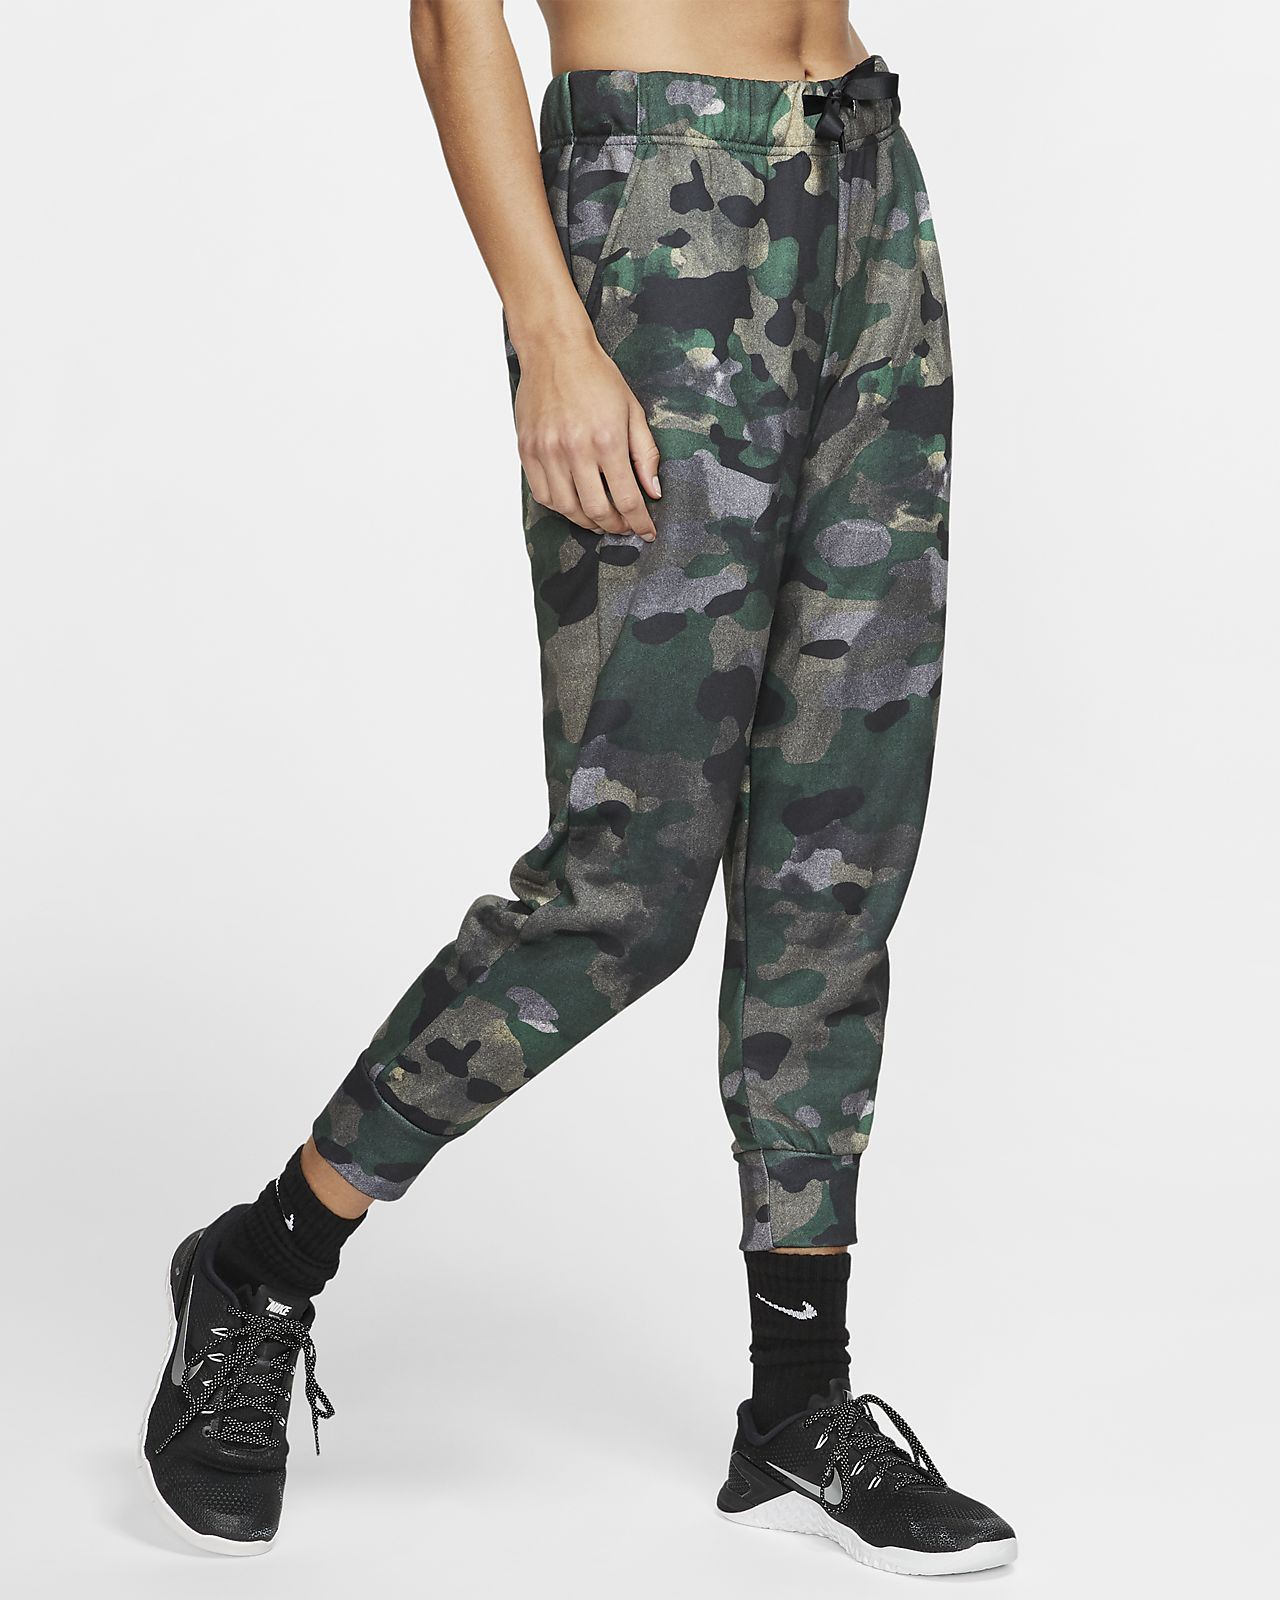 กางเกงเทรนนิ่งผ้าฟลีซผู้หญิง 7 ส่วน Nike Dri-FIT Icon Clash